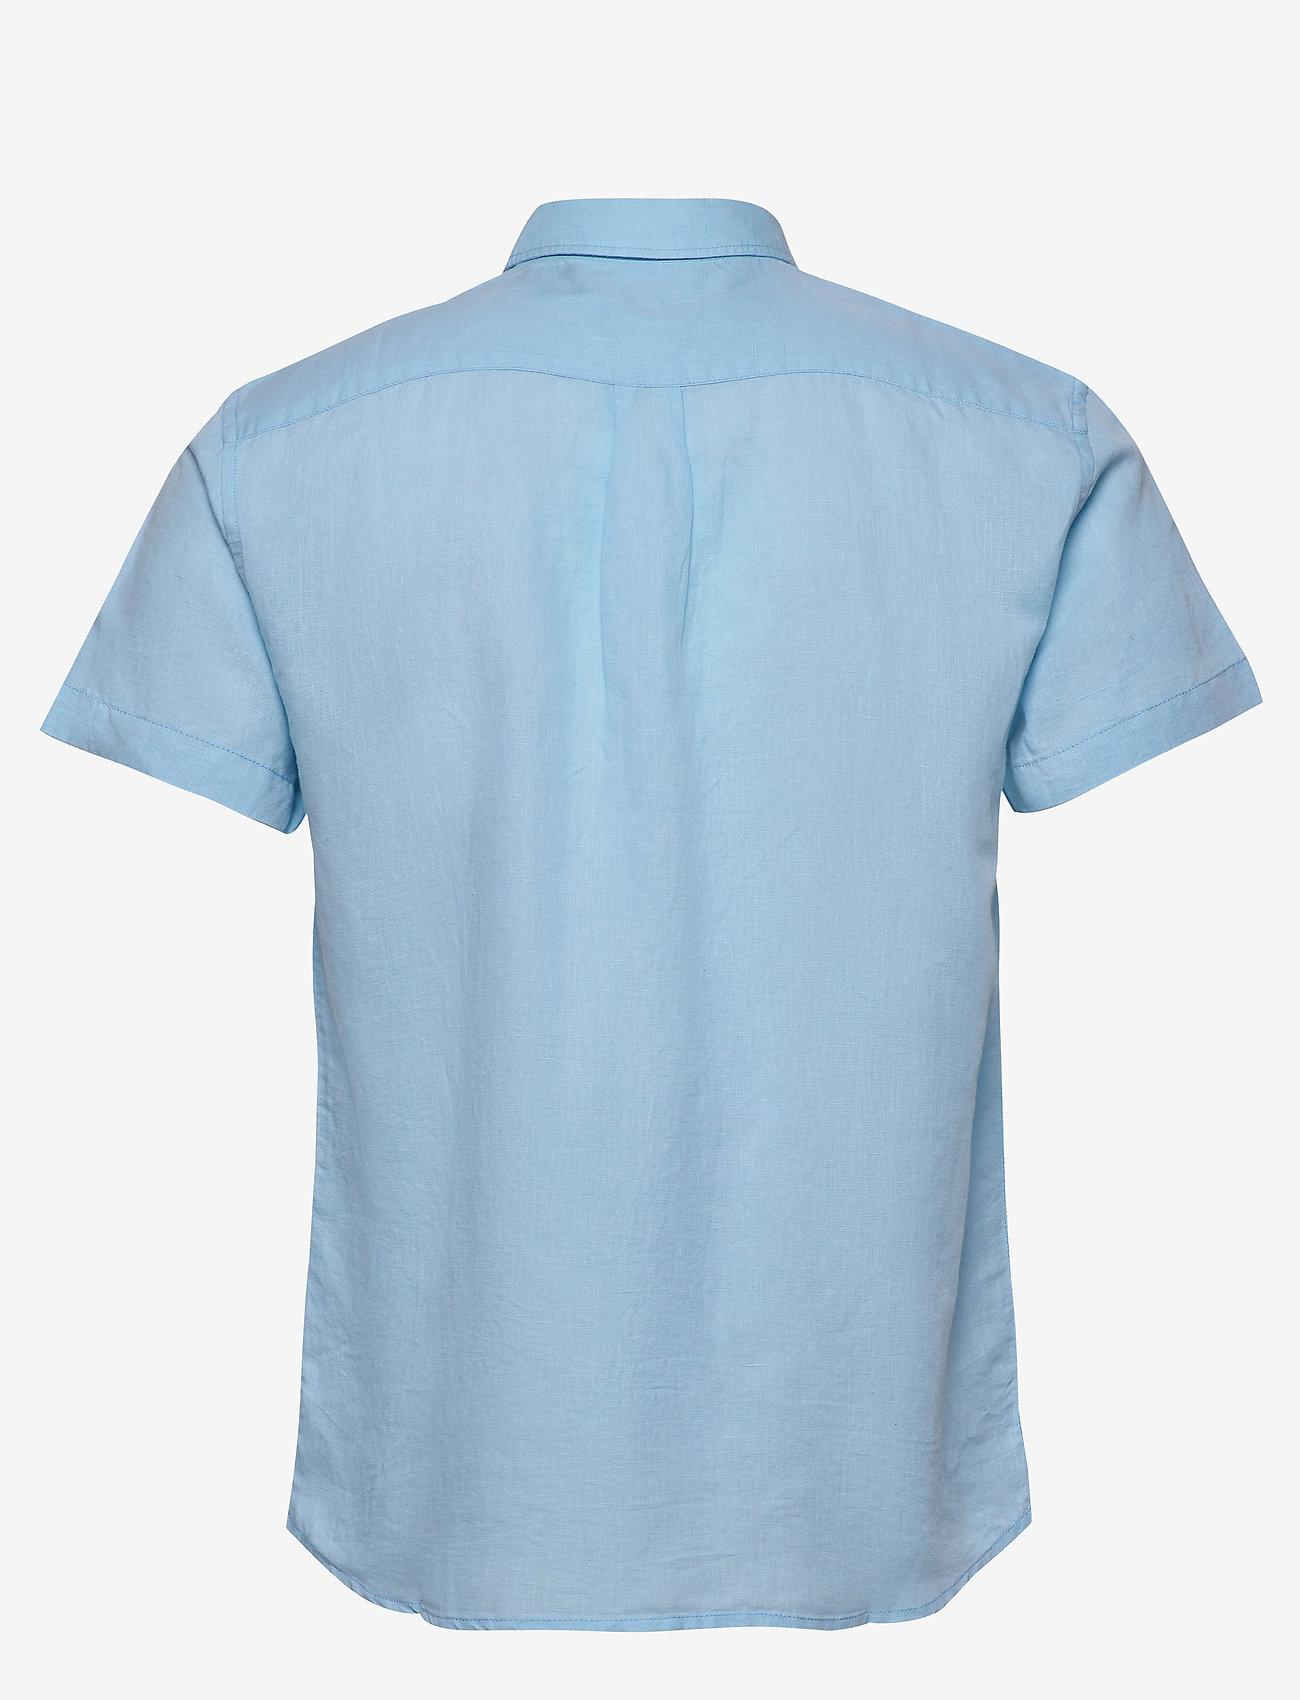 Wranglerss 1 Pkt Shirt - Hemden